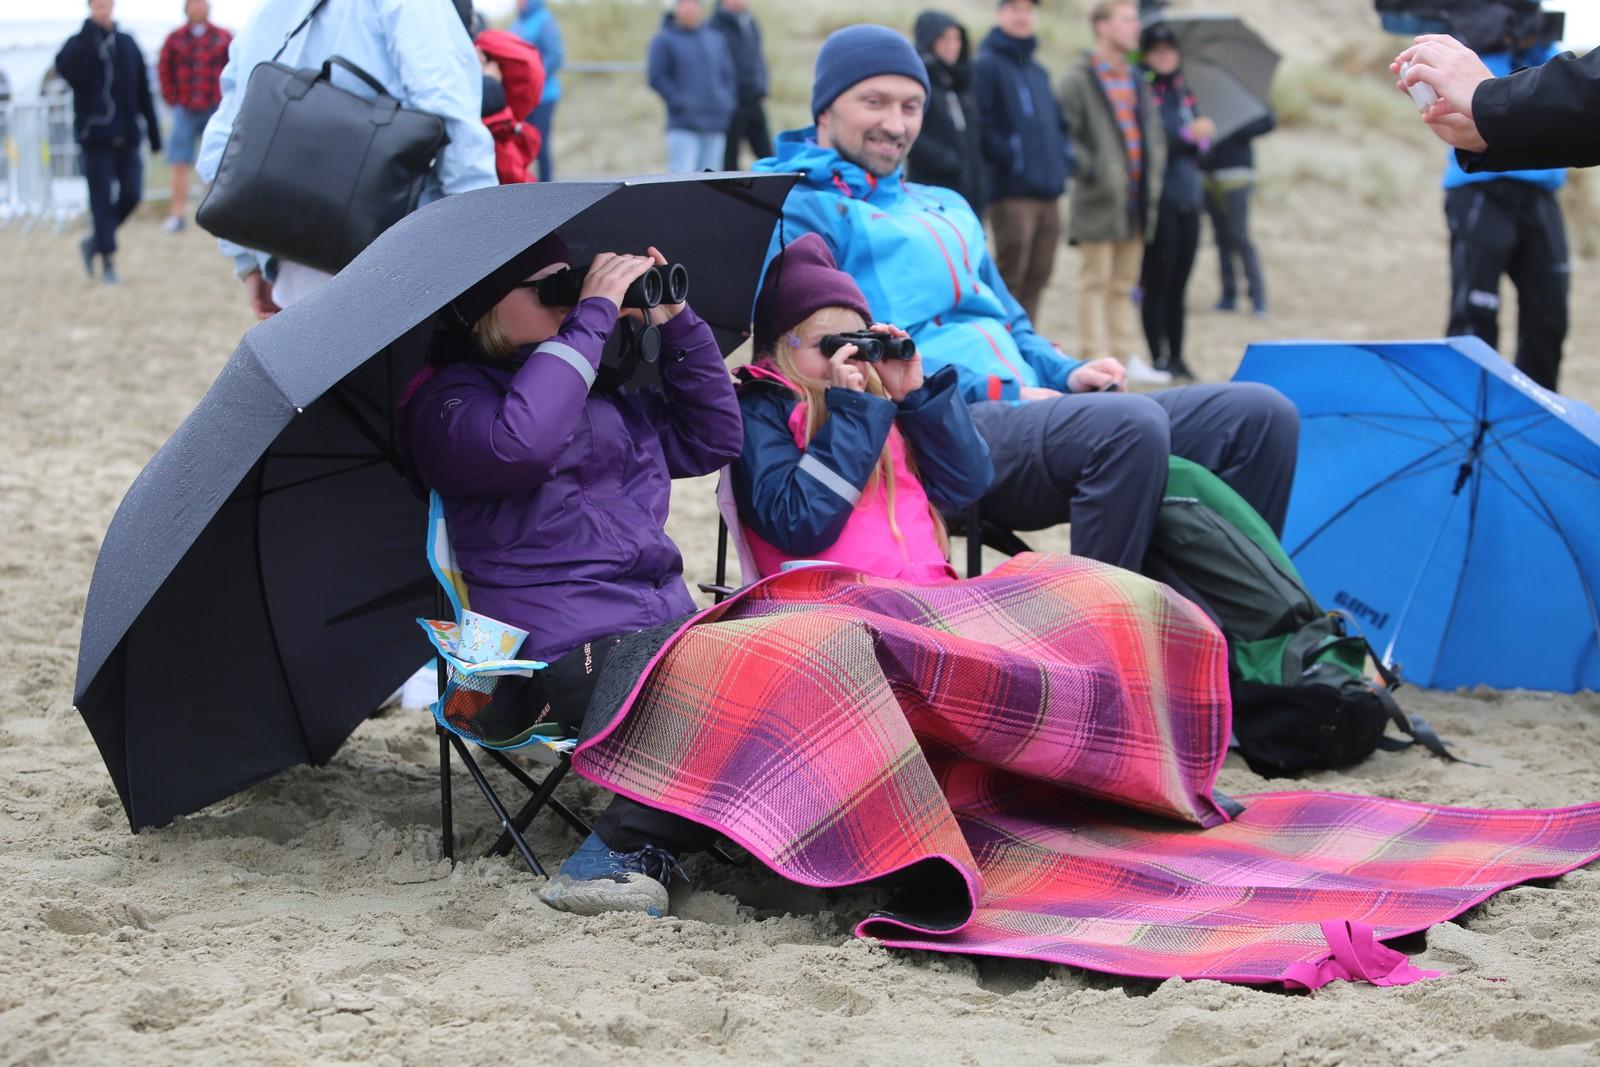 Olivia og Clara Boge var blant de oppmøtte som hadde satt seg godt til rette, med campingstoler, pledd, paraply og kikkerter.